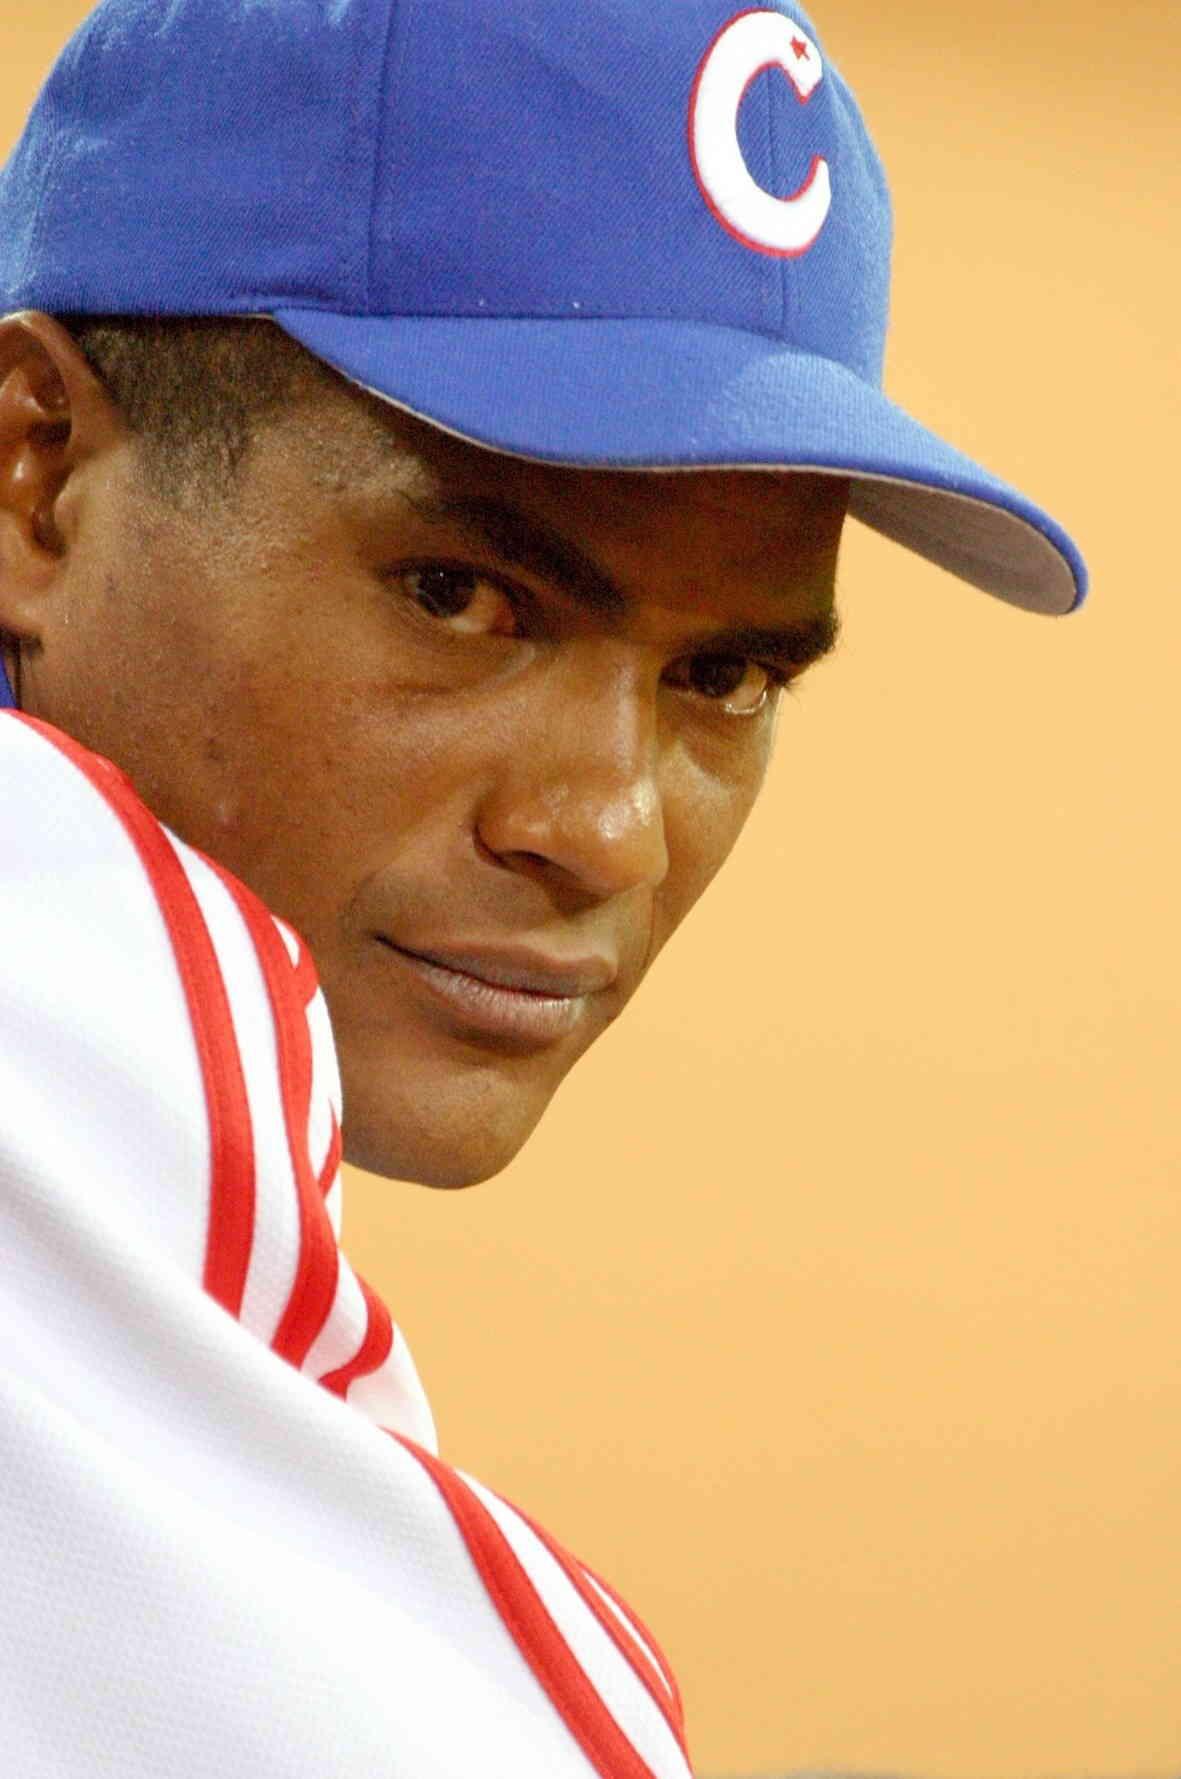 athens baseball